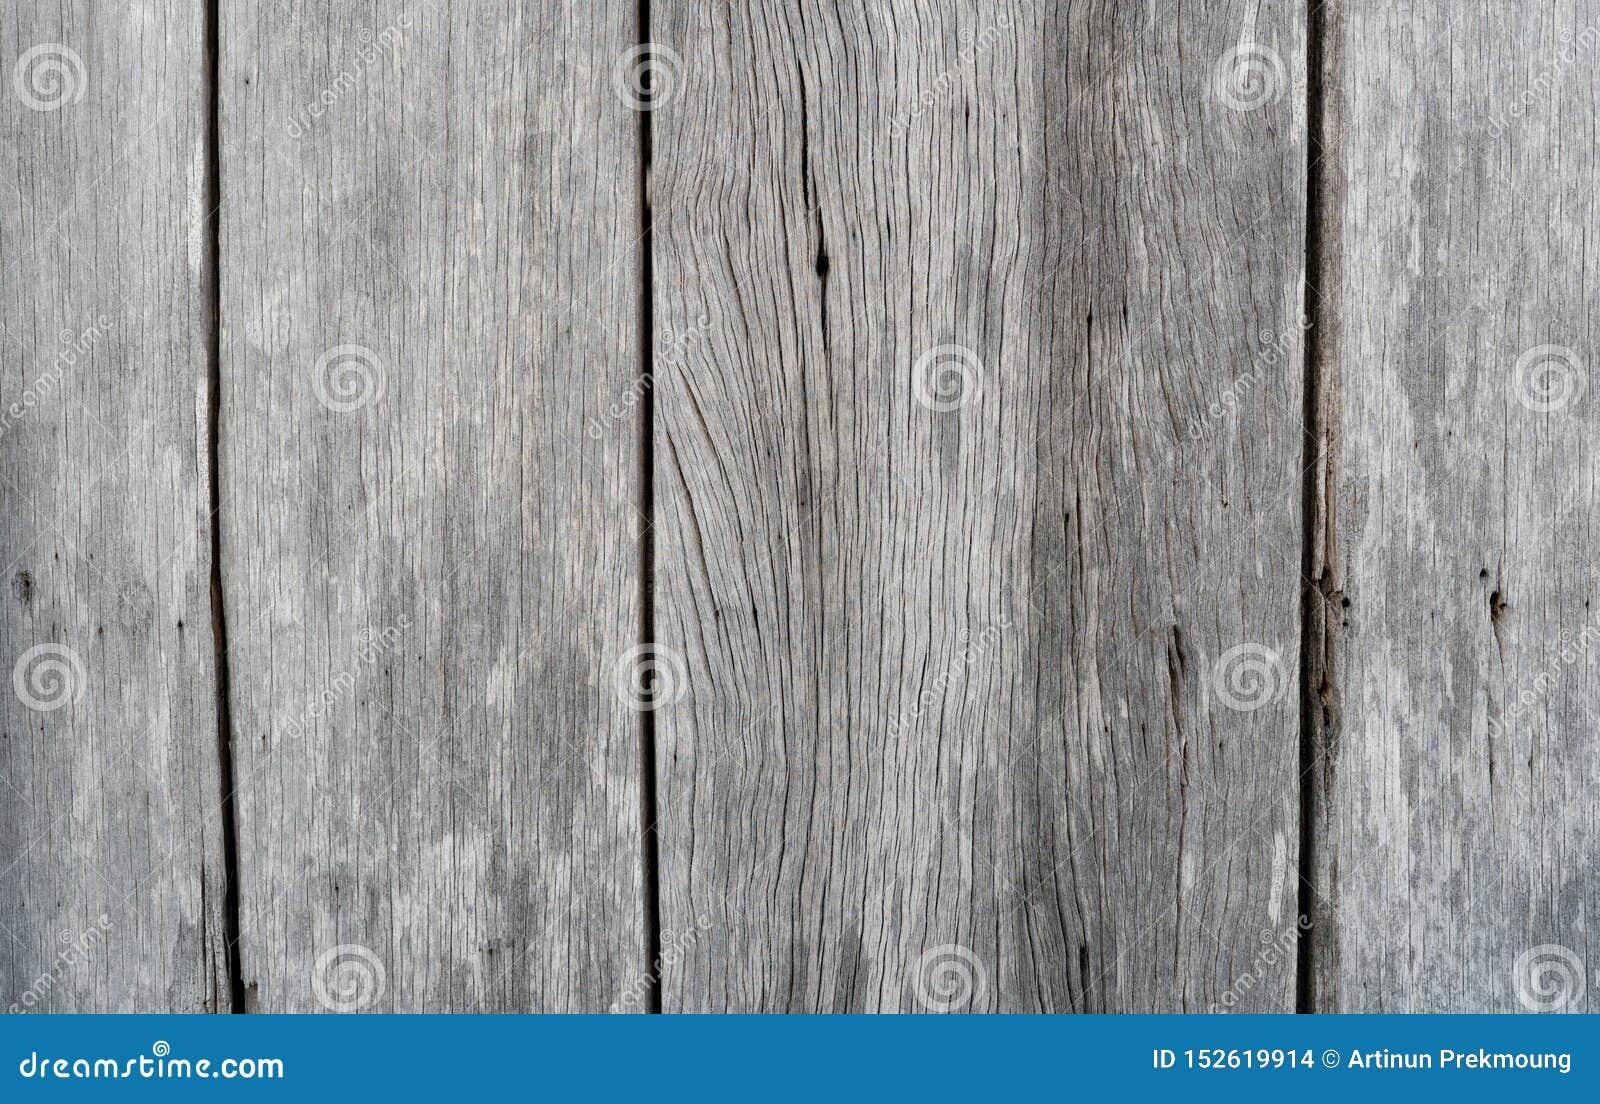 Viejo fondo de madera gris de la textura Fondo de madera del extracto del tablón Pared de madera resistida vacía Superficie de la